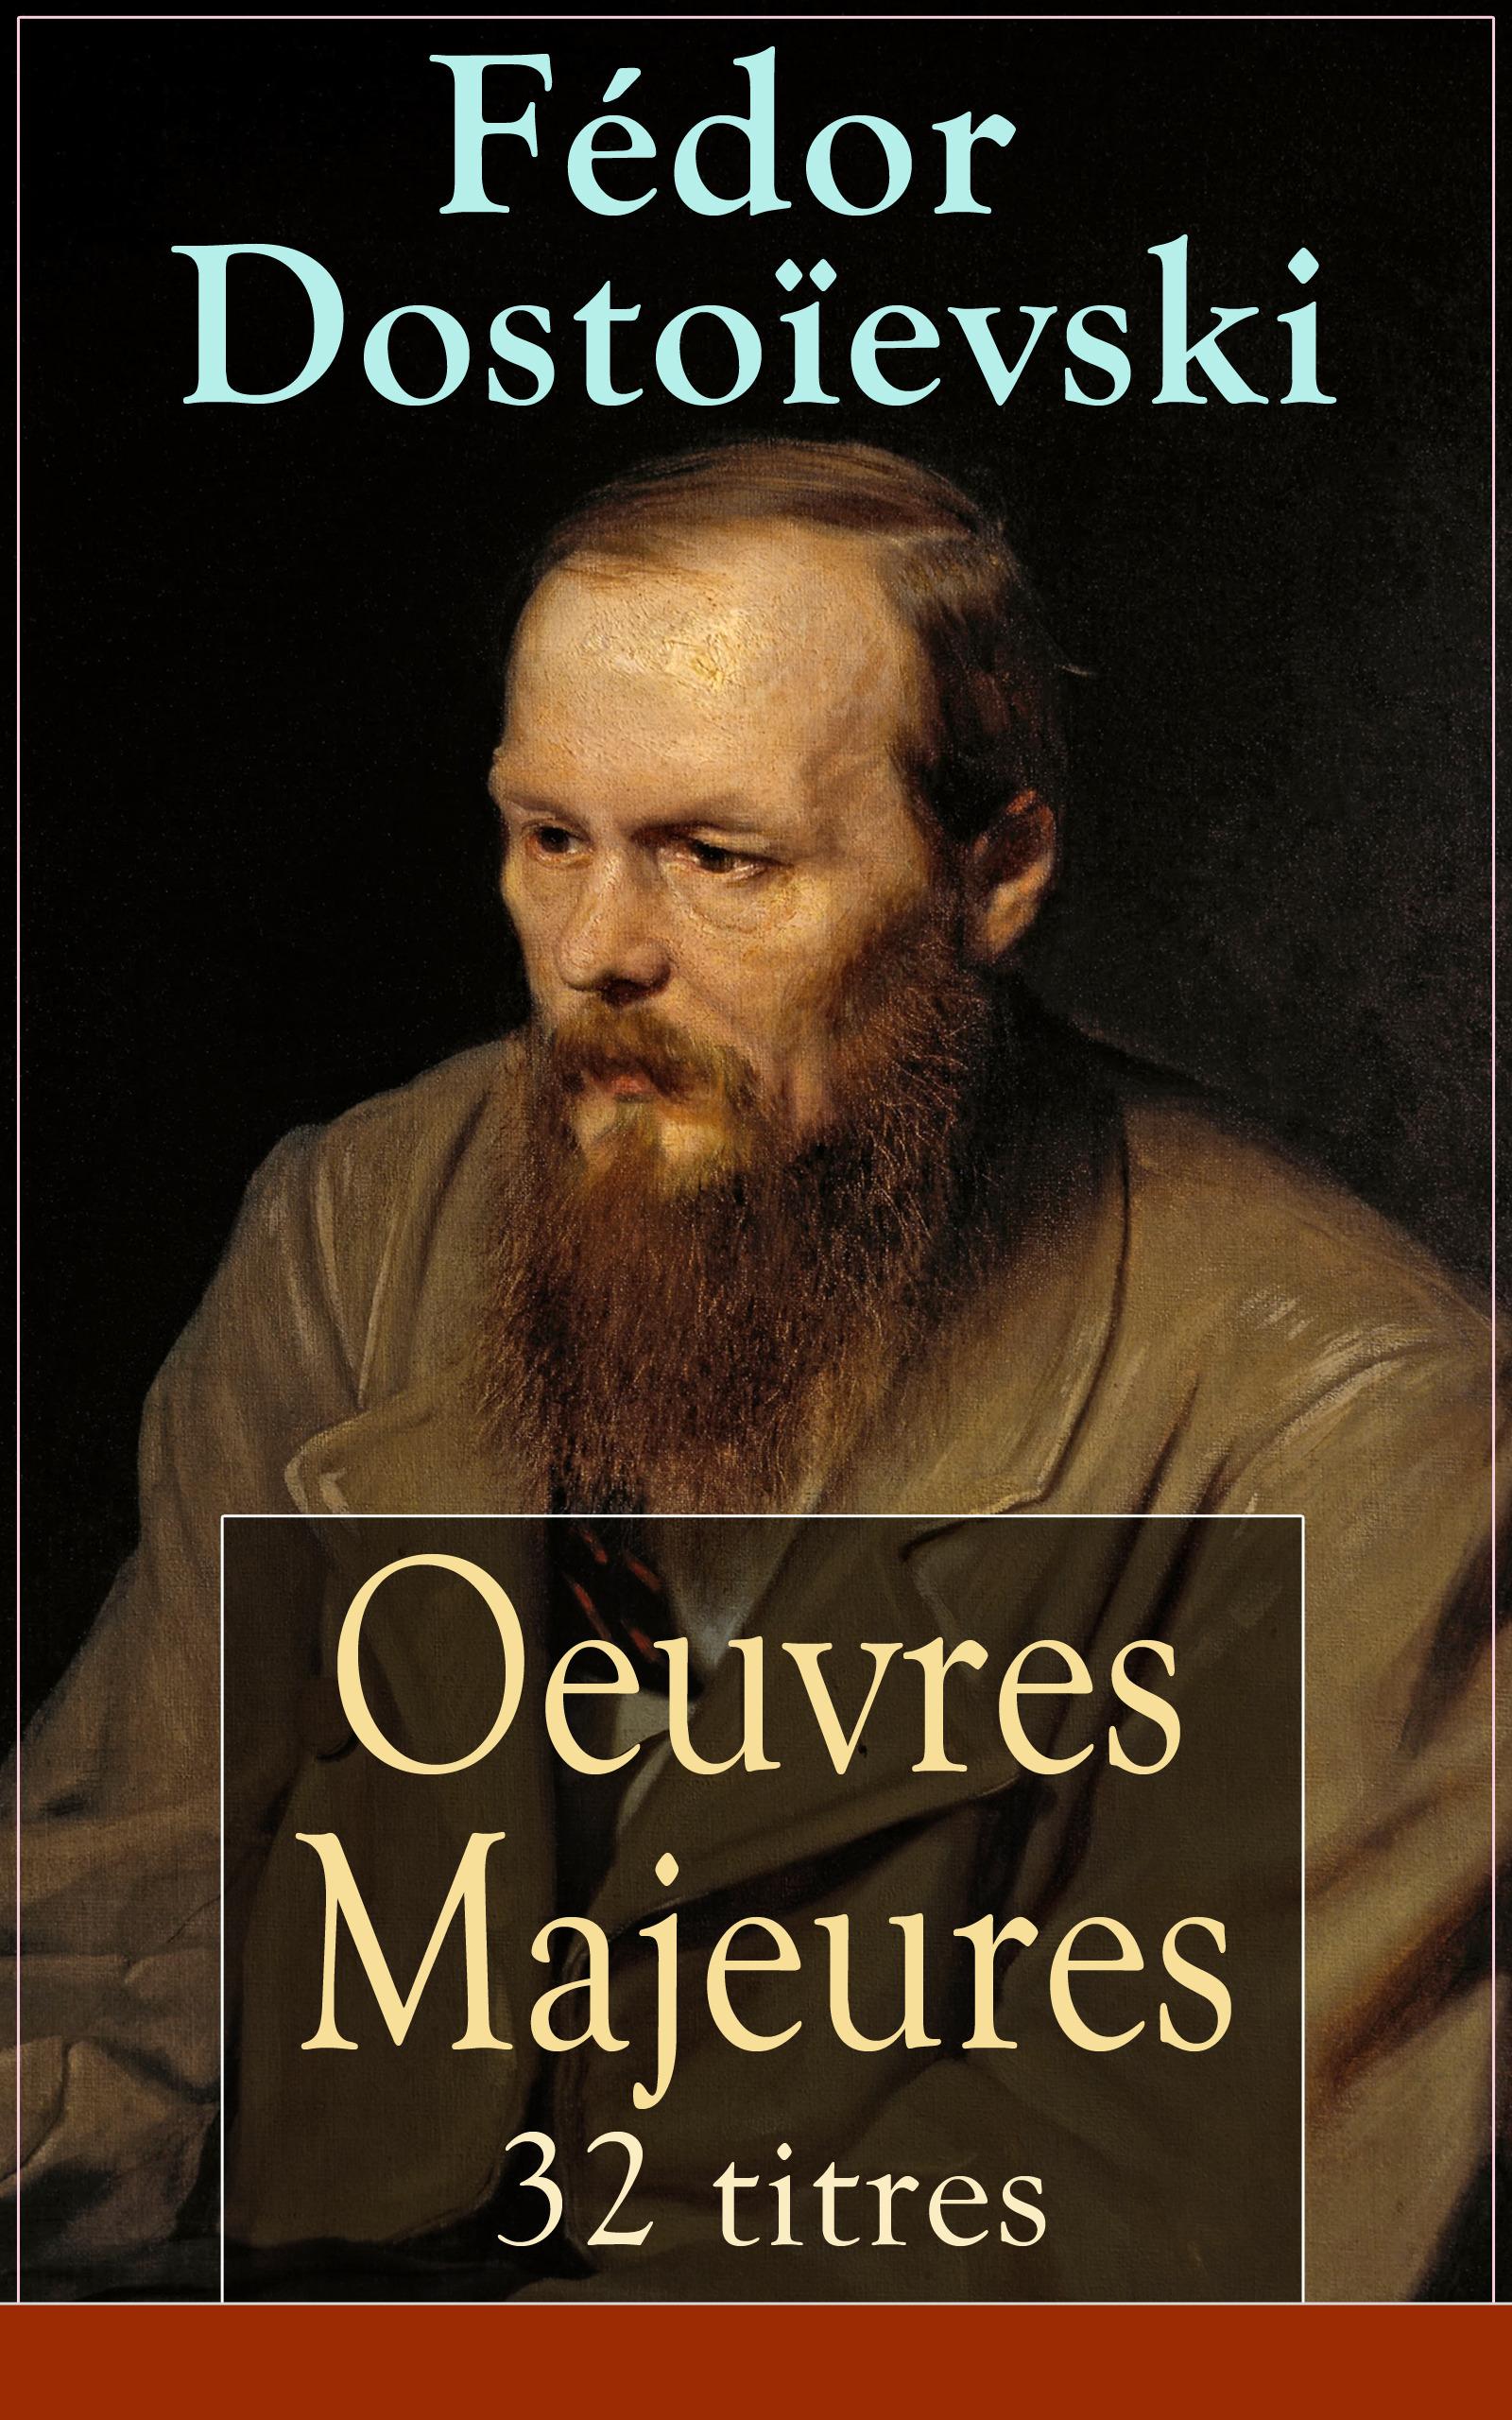 Fédor Dostoïevski: Oeuvres Majeures - 32 titres (L'édition intégrale)